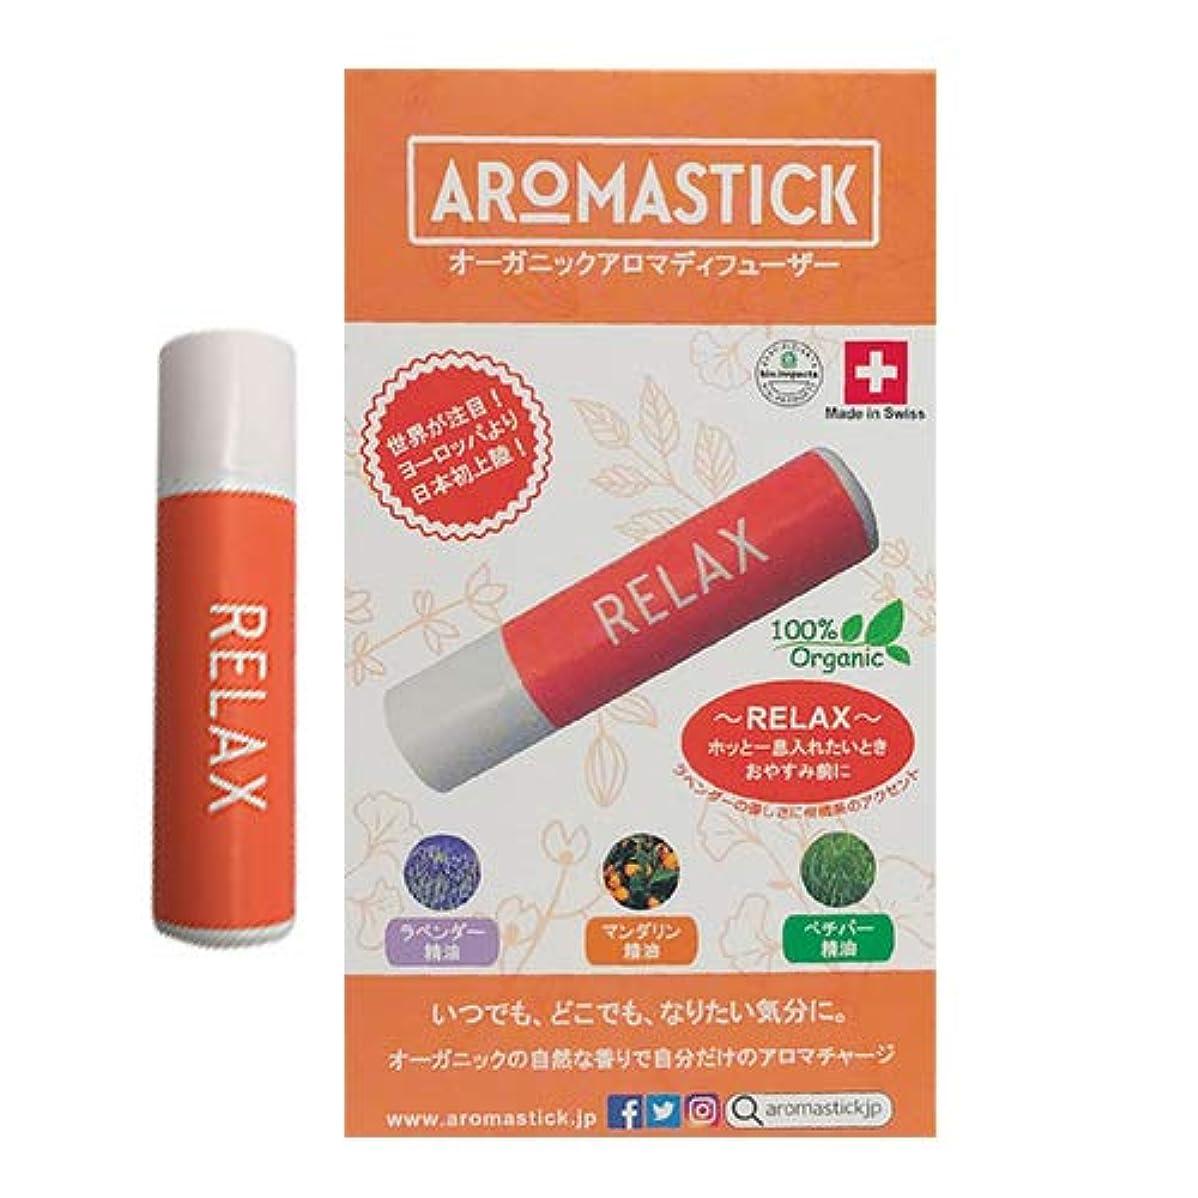 成熟した届ける方法オーガニックアロマディフューザー アロマスティック(aromastick) リラックス [RELAX] ×3個セット